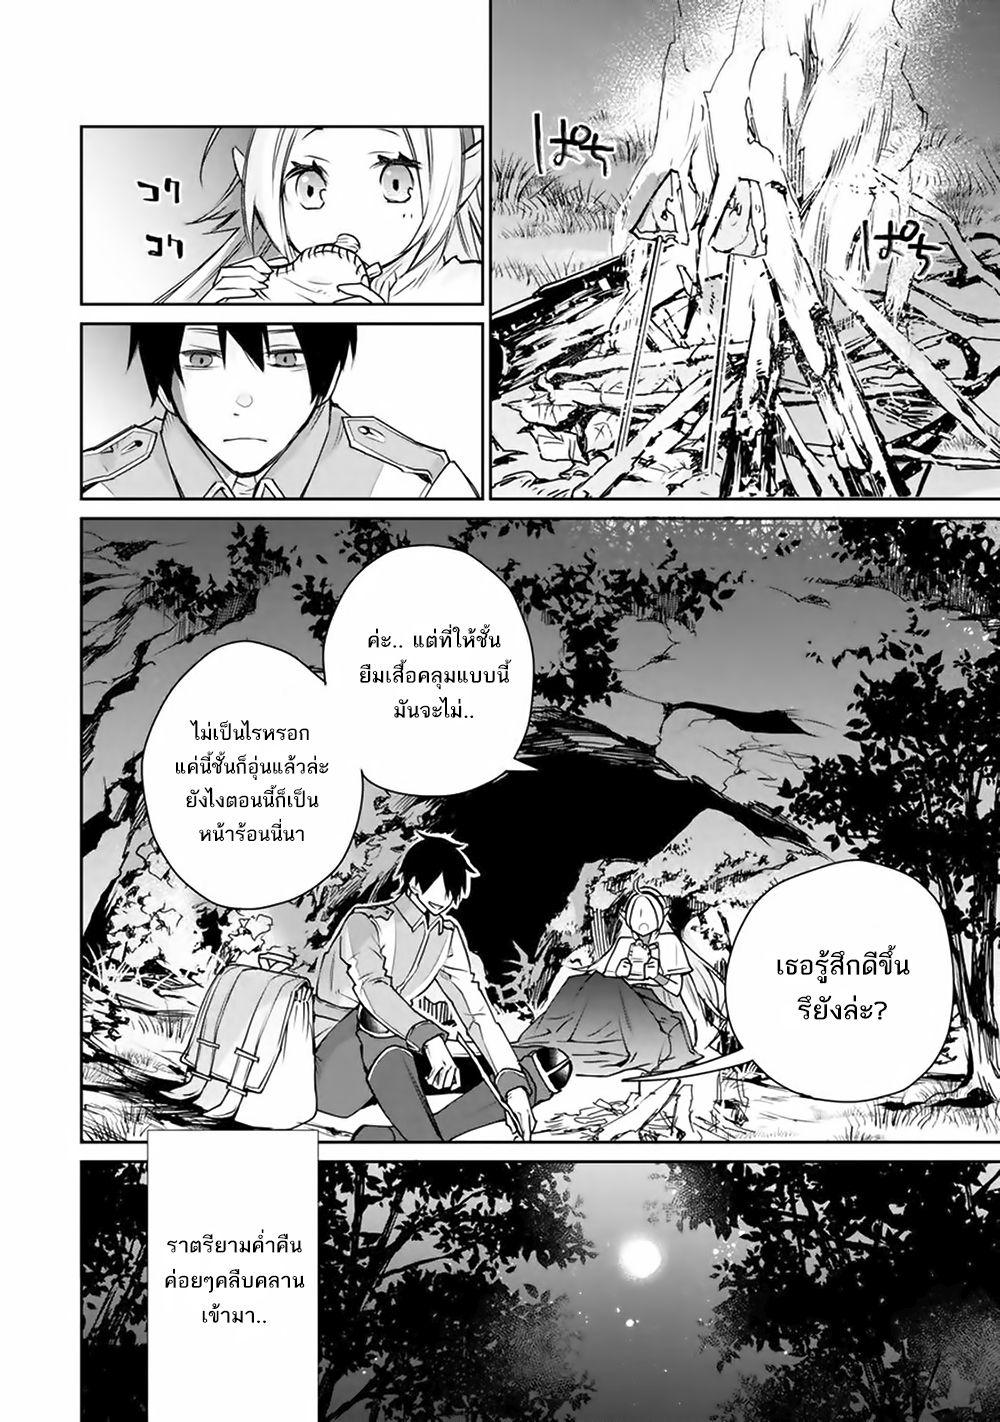 อ่านการ์ตูน Saikyo no mado-shi. Hiza ni ya o ukete shimattanode inaka no eihei ni naru ตอนที่ 1.3 หน้าที่ 14